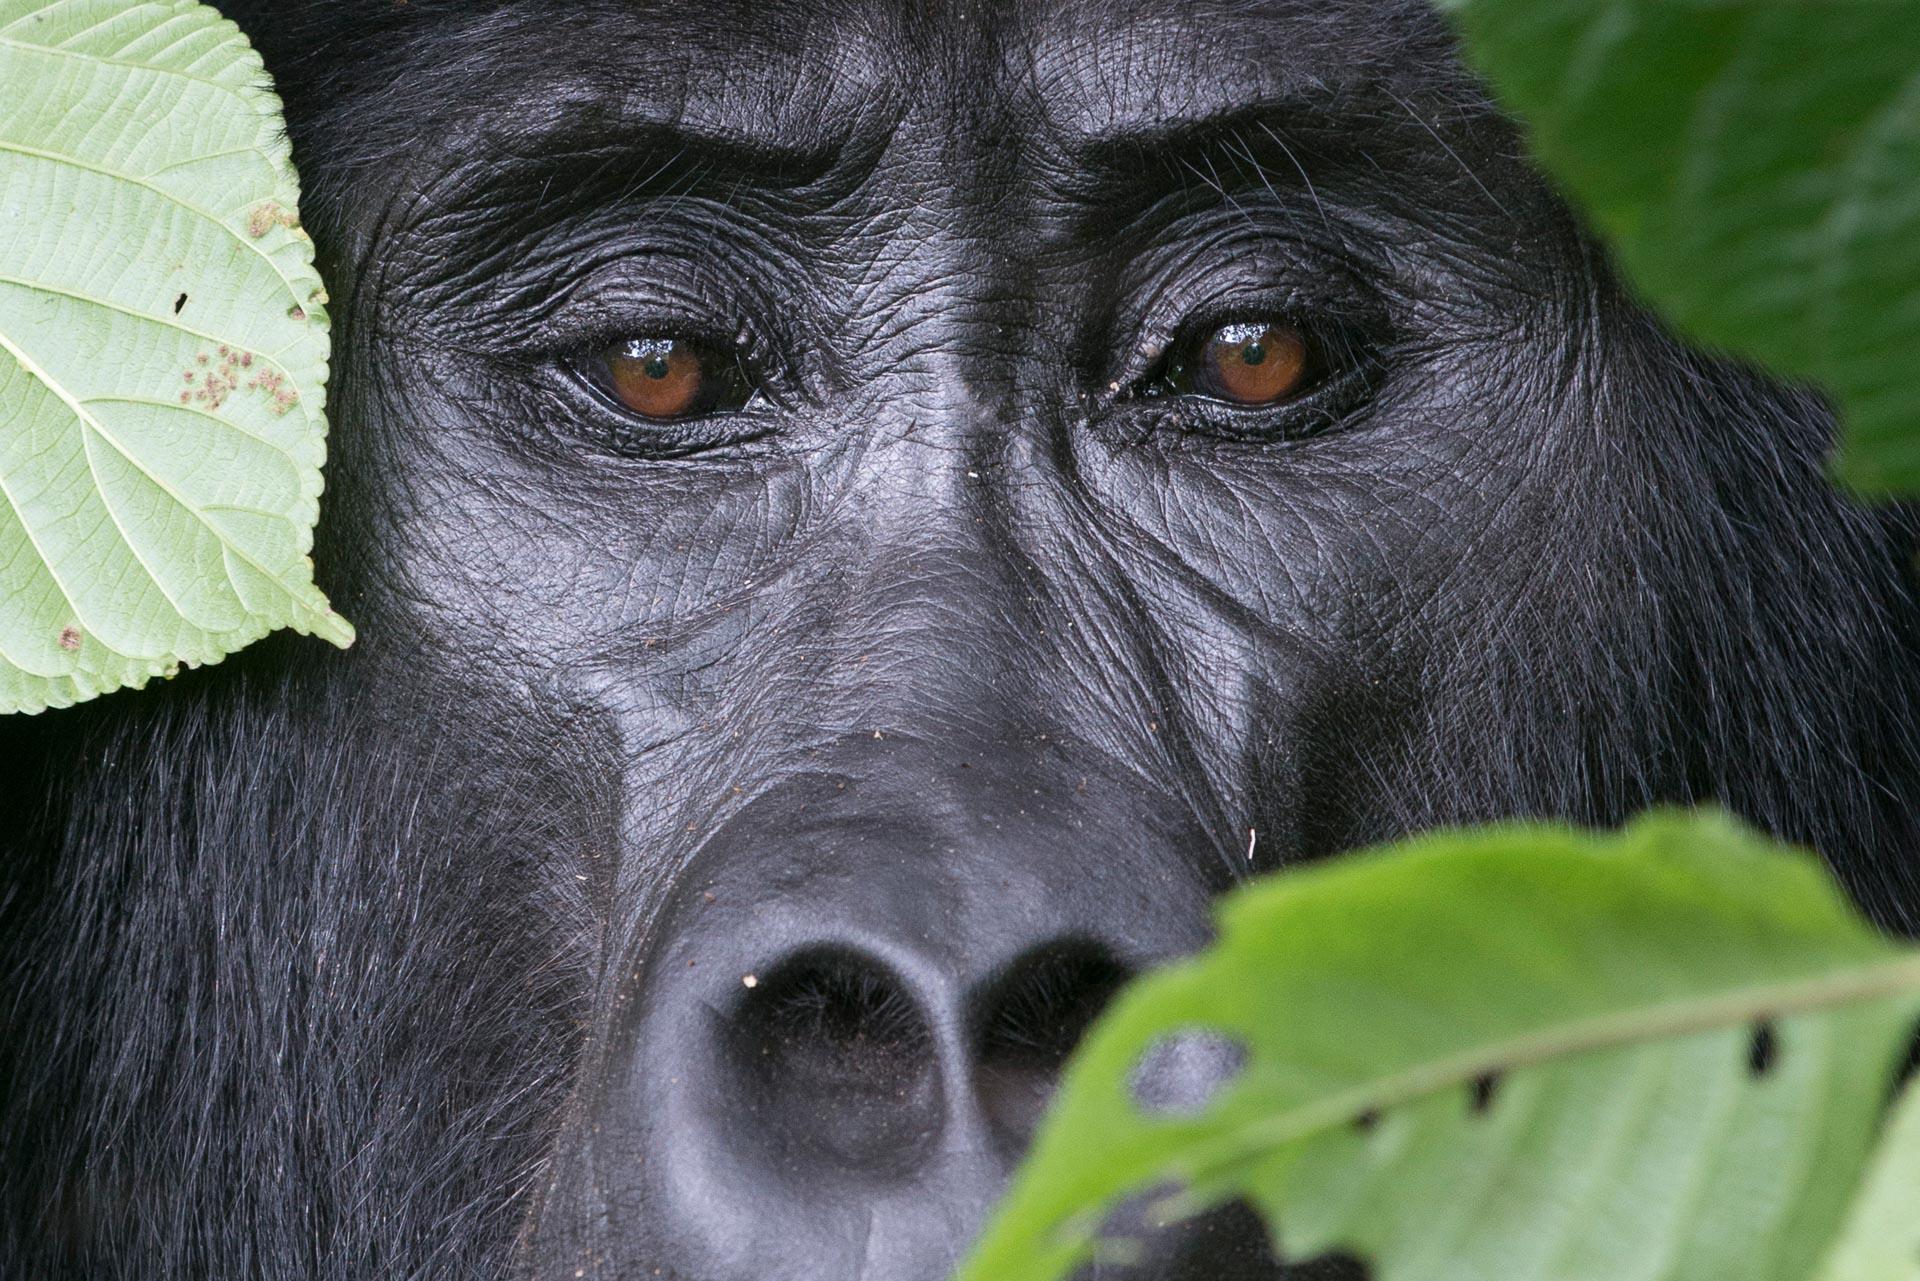 Eyes of a Kahungye Gorilla || Bwindi Impenetrable National Park, Uganda